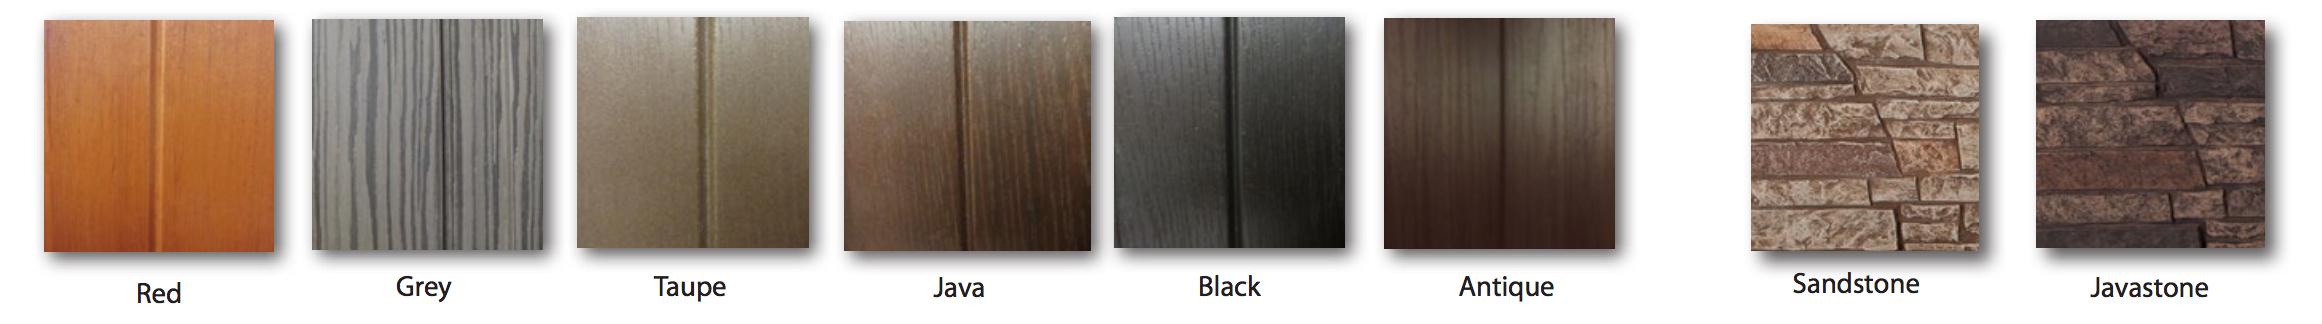 farby obloženia